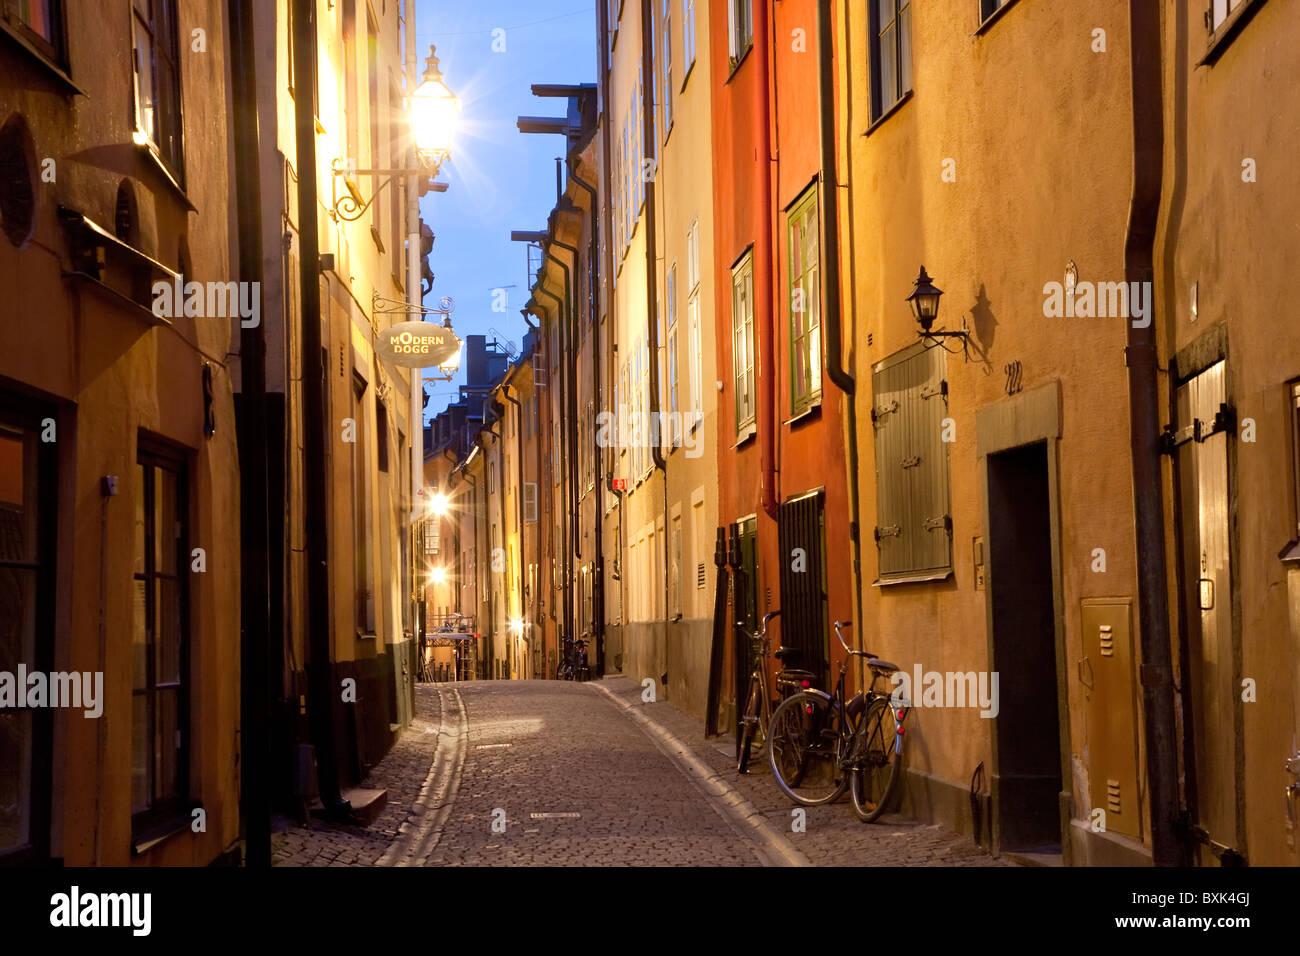 La vieille ville historique de rue dans la vieille ville de Gamla Stan à Stockholm en Suède Photo Stock